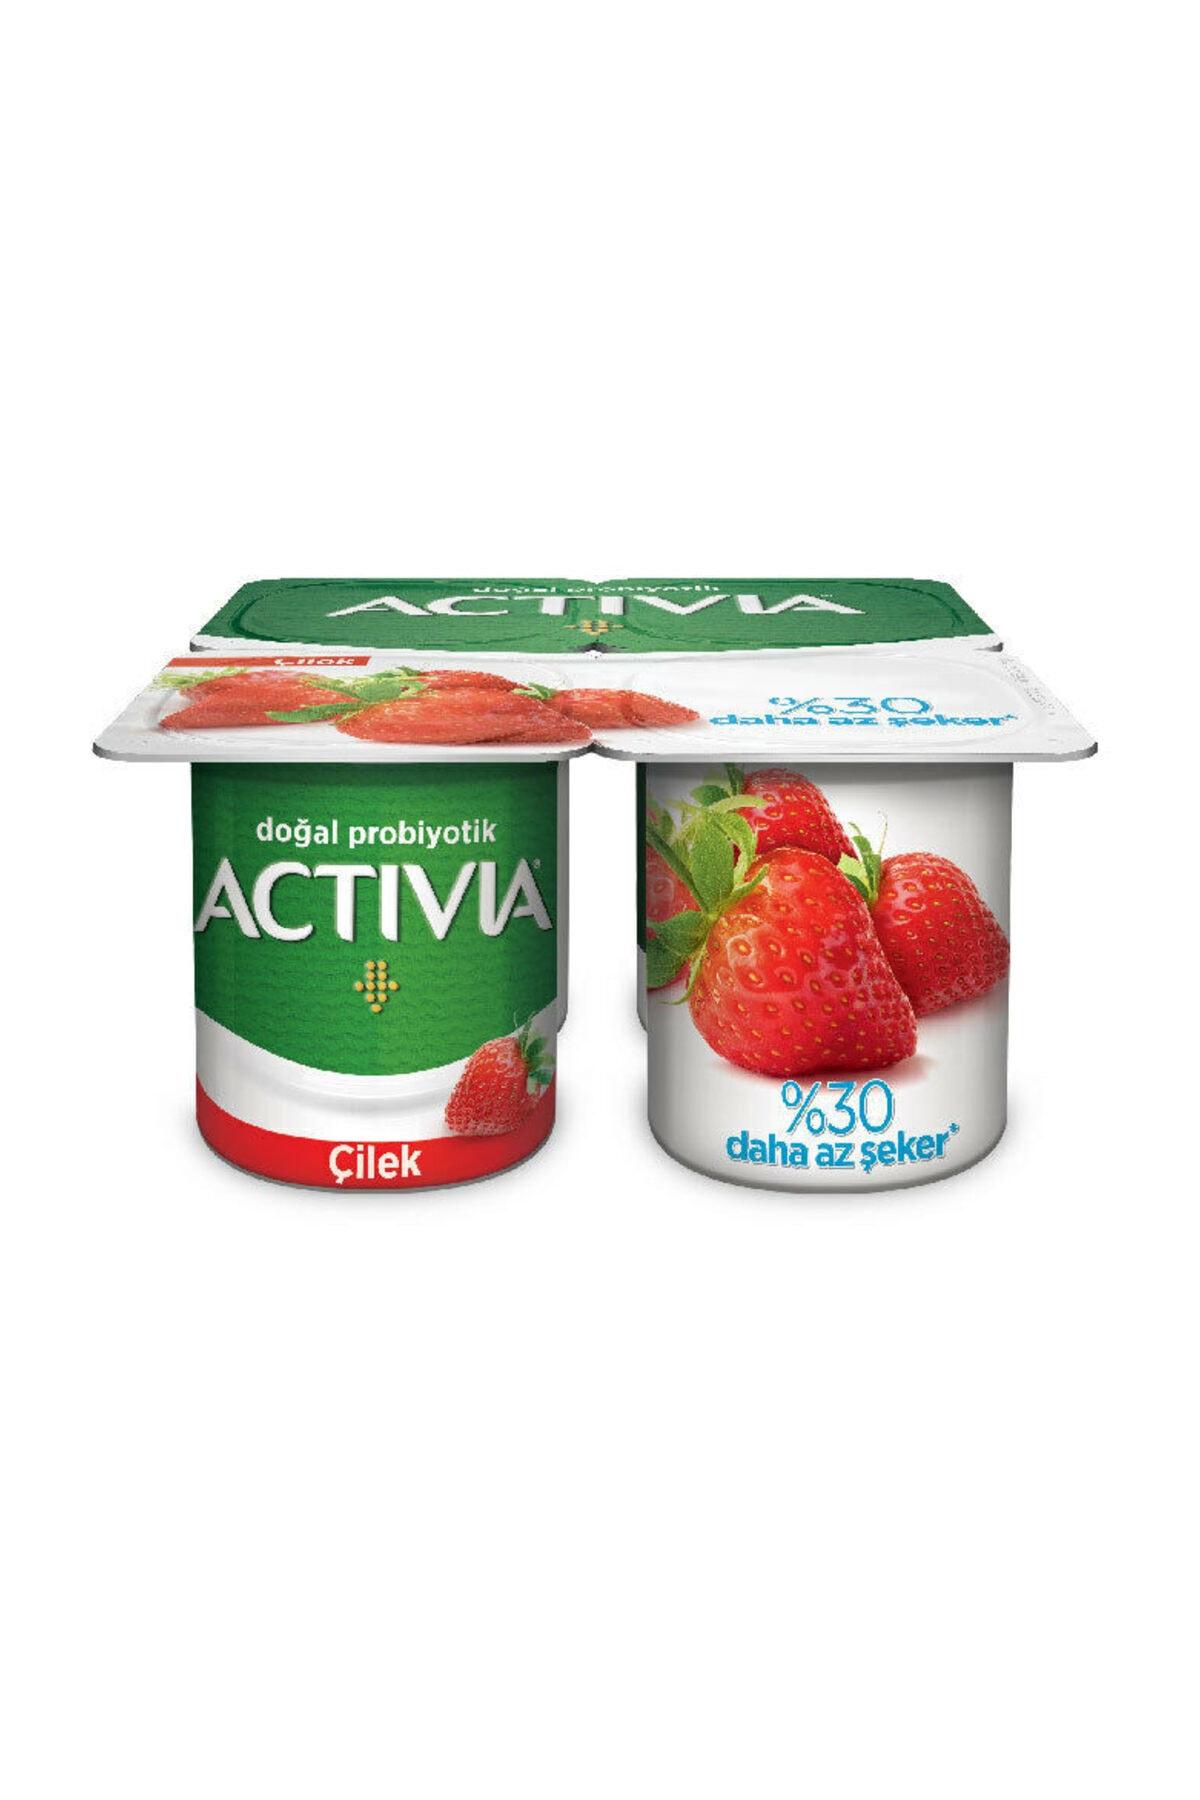 Danone Activia Probiyotikli Yoğurt Çilek Keten Tohumu 100 gr 1